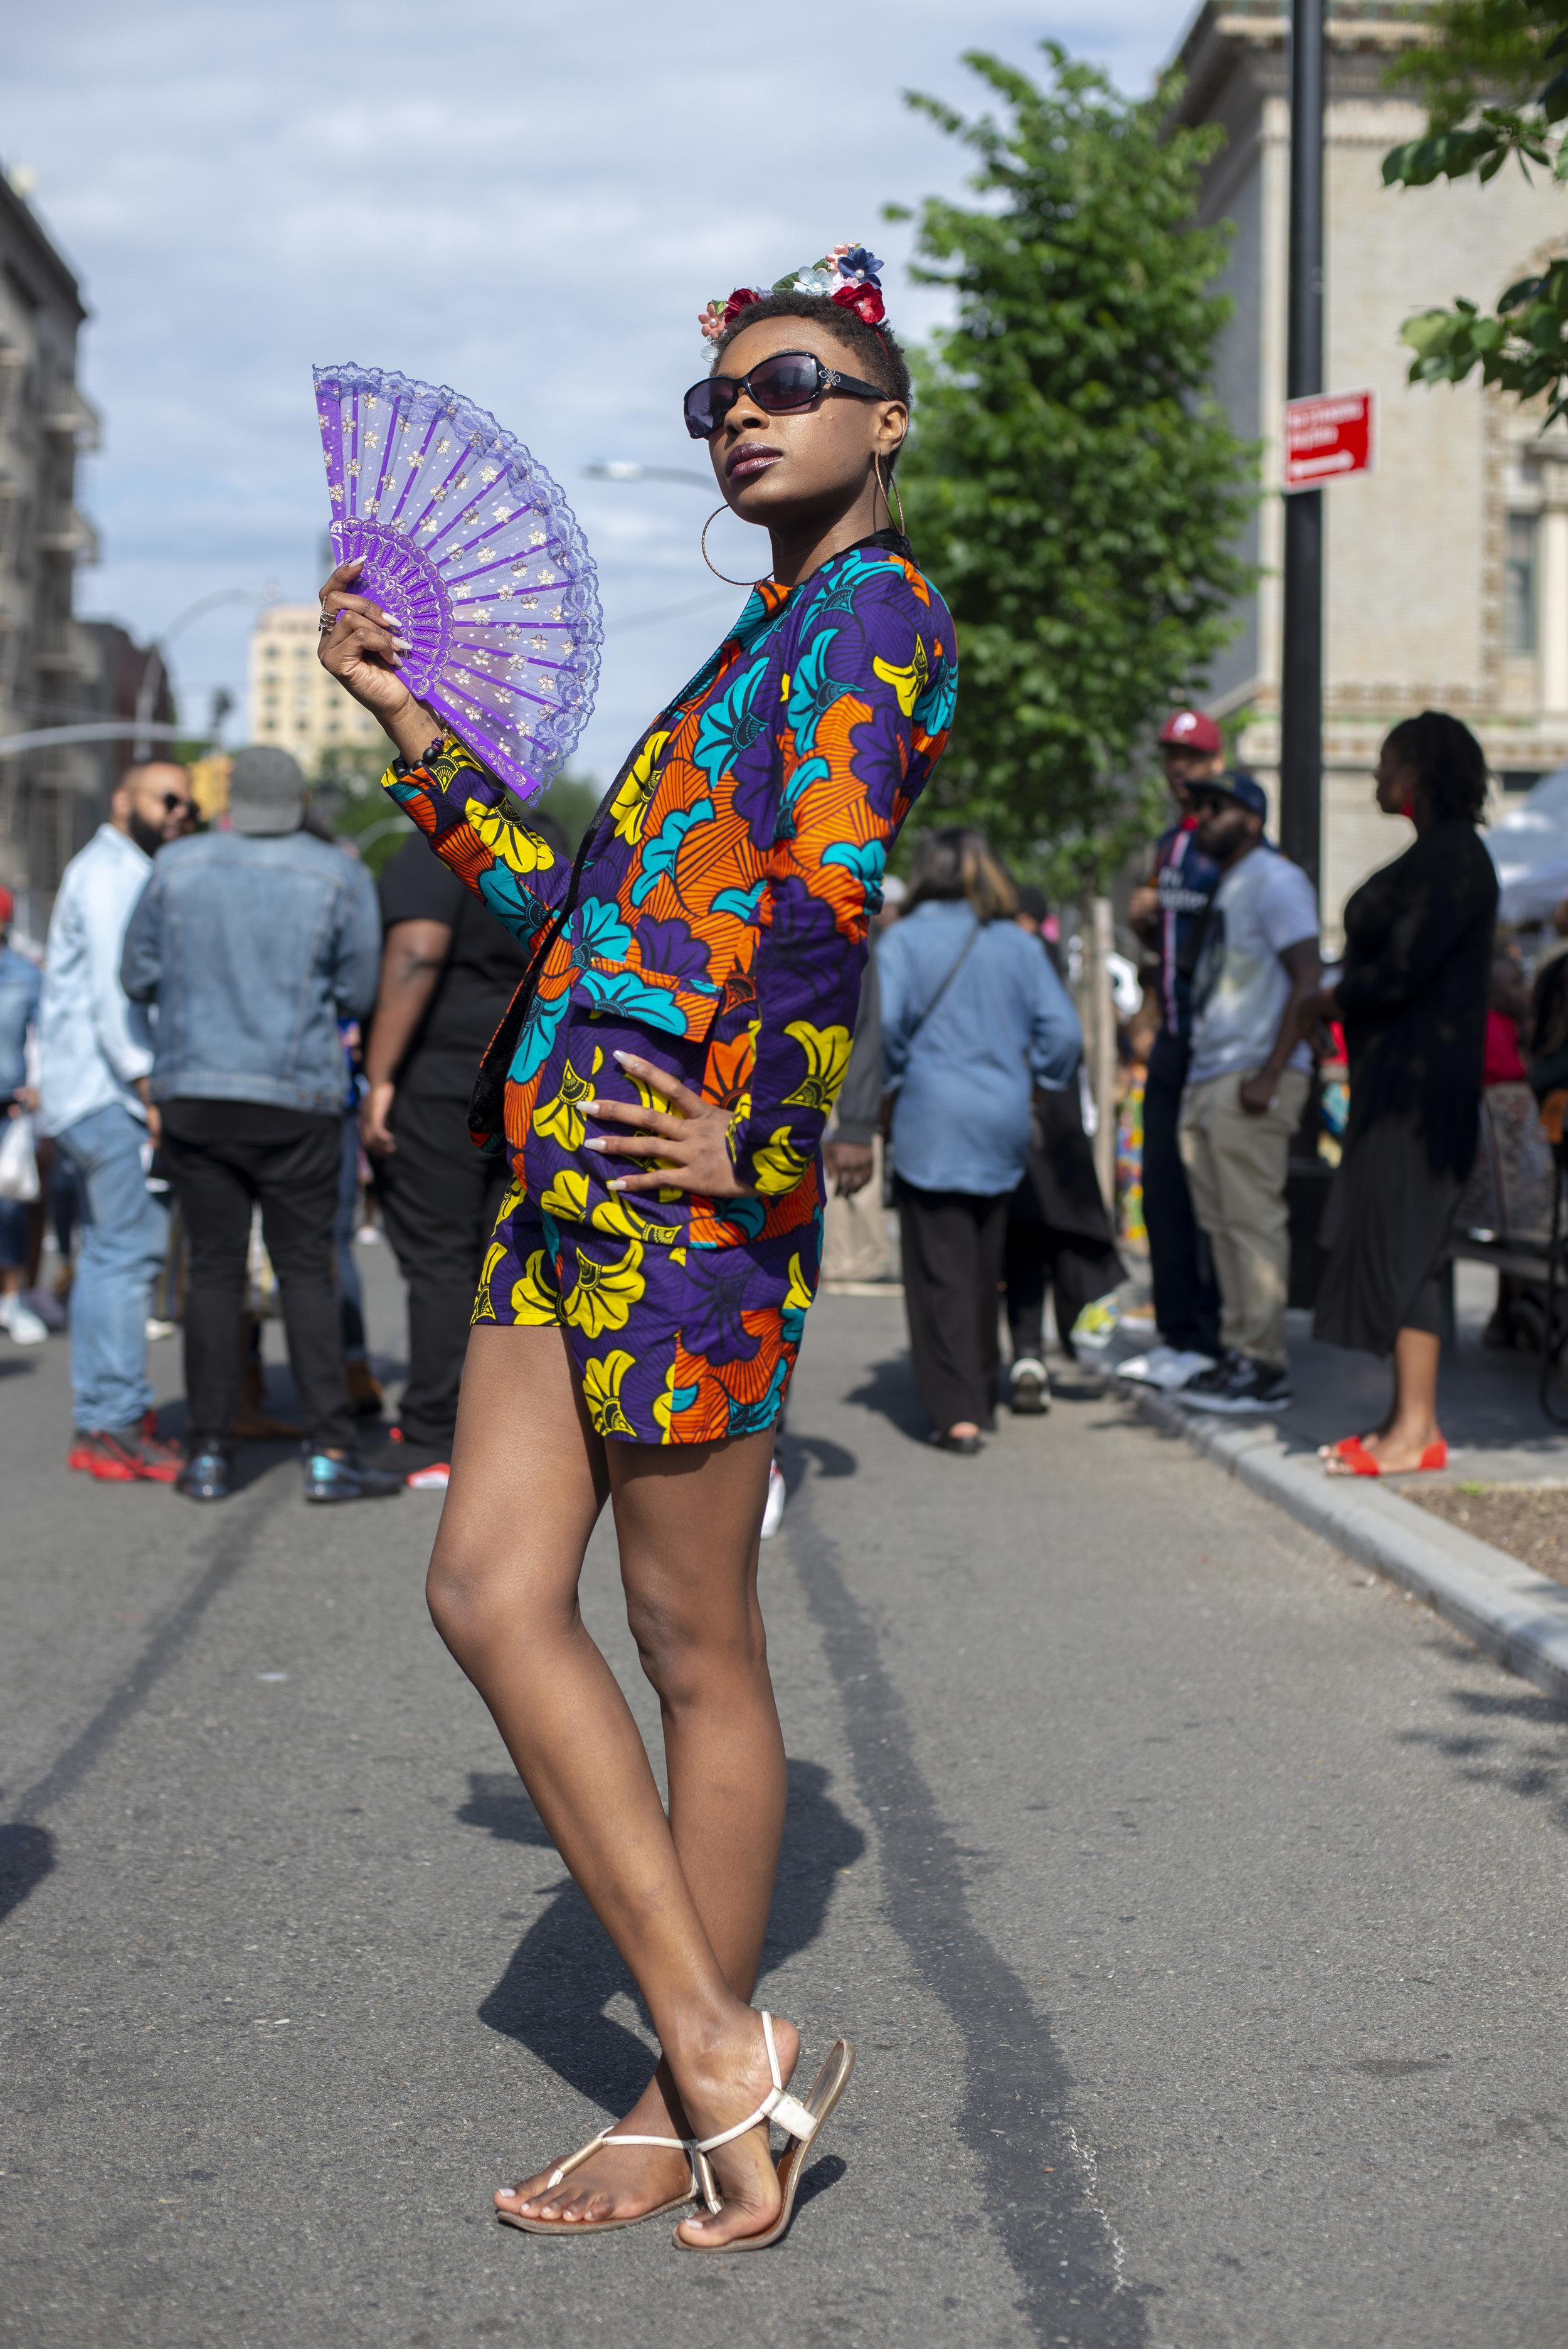 DanceAfrica2019_36.jpg